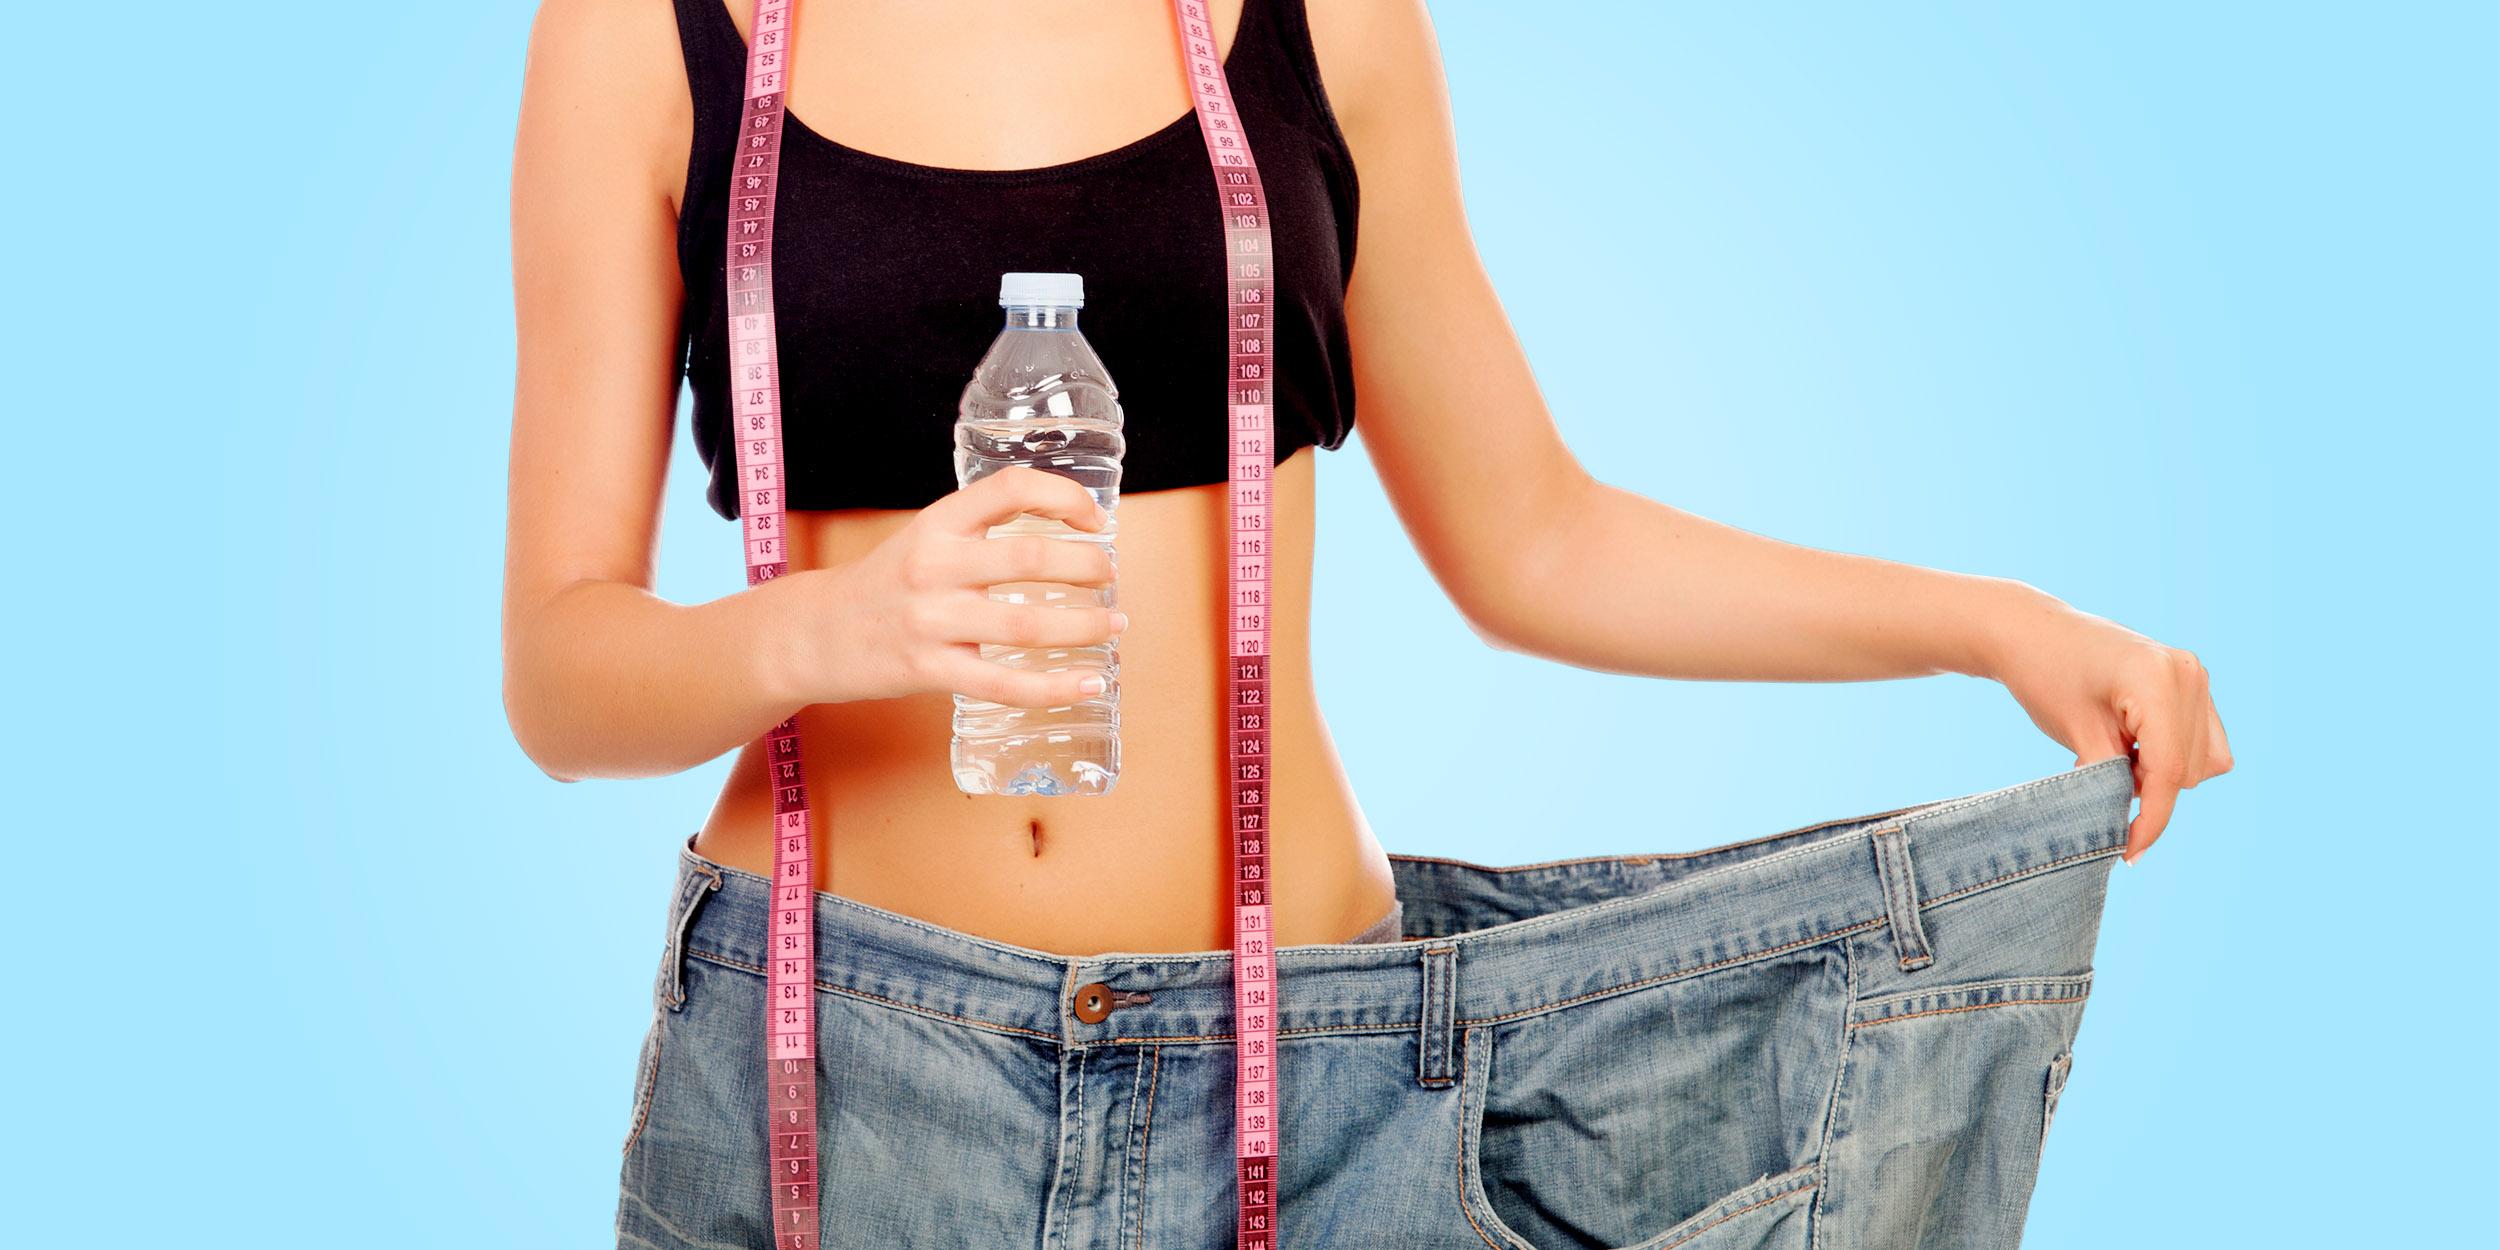 Как похудеть: пей больше воды рекомендации